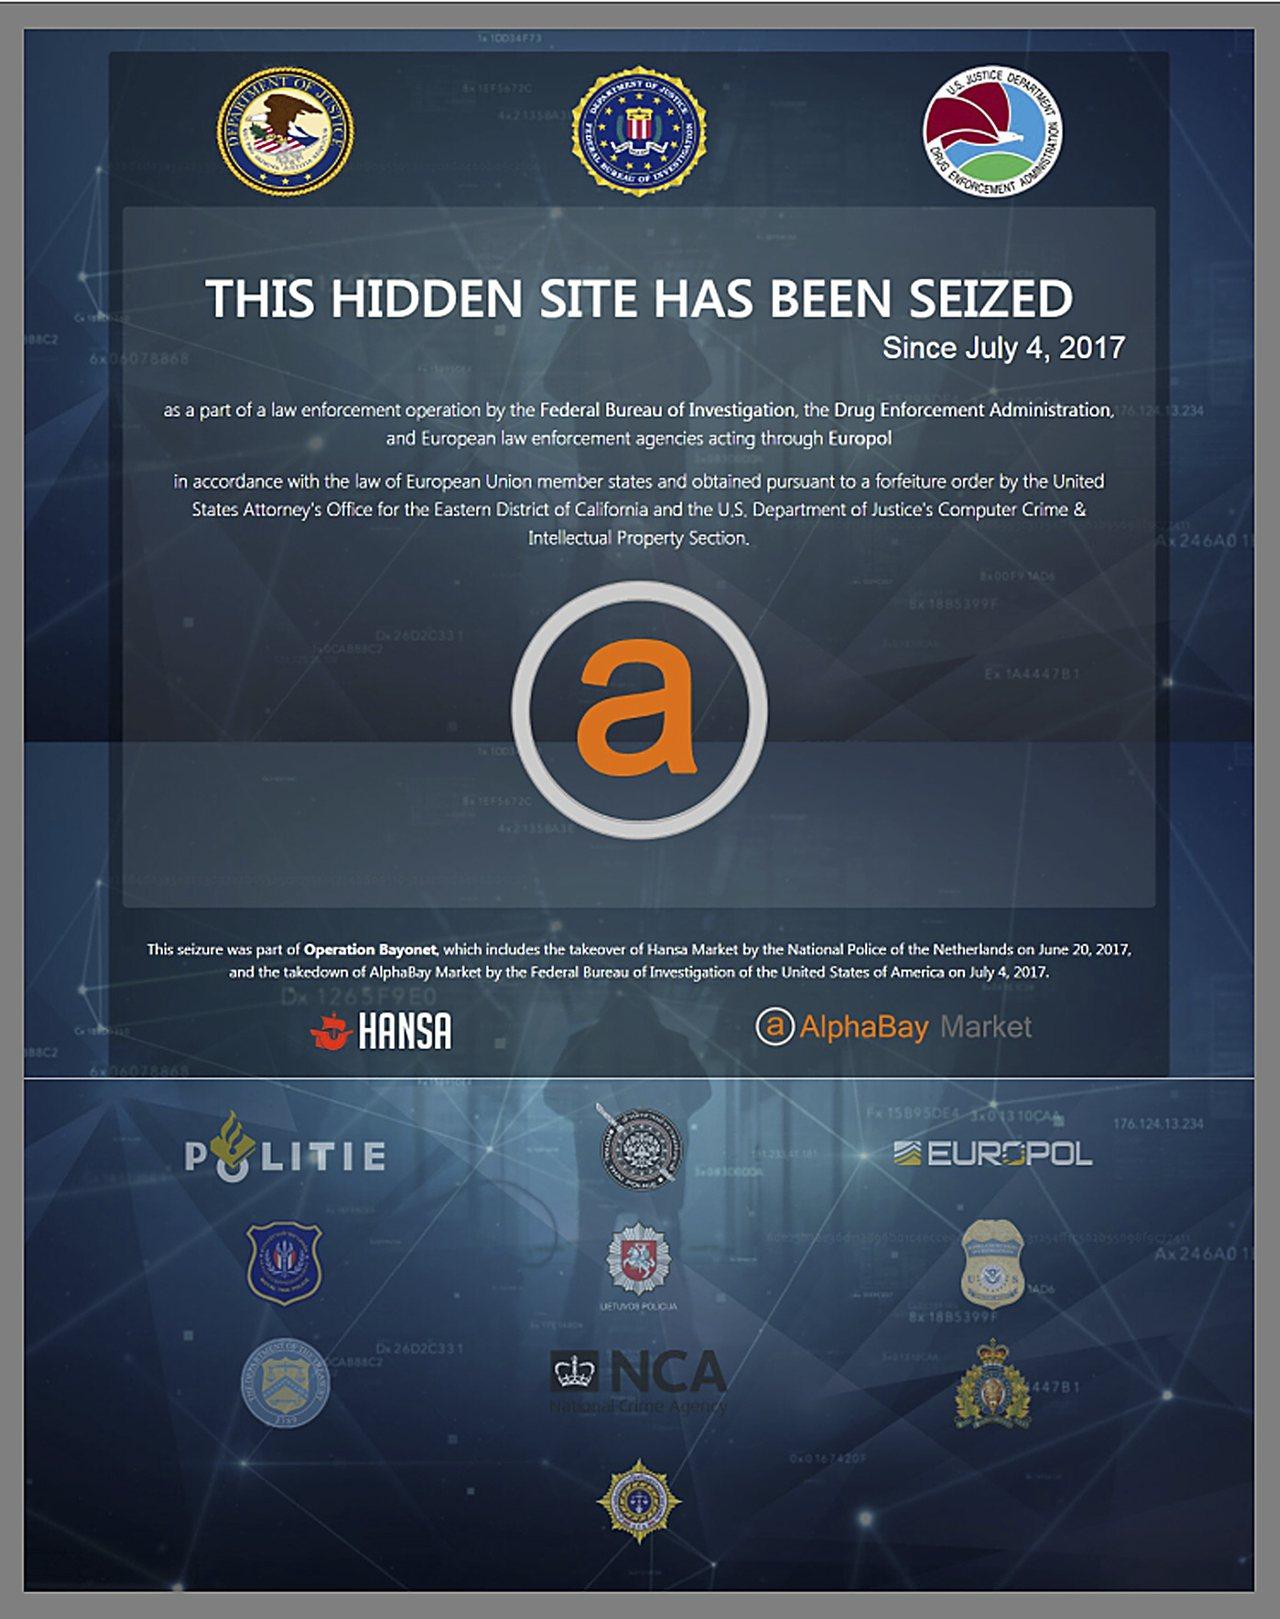 司法部長塞辛斯20日宣布,在網路販售毒品、仿冒品、武器和駭客用具等違禁品的隱蔽網...